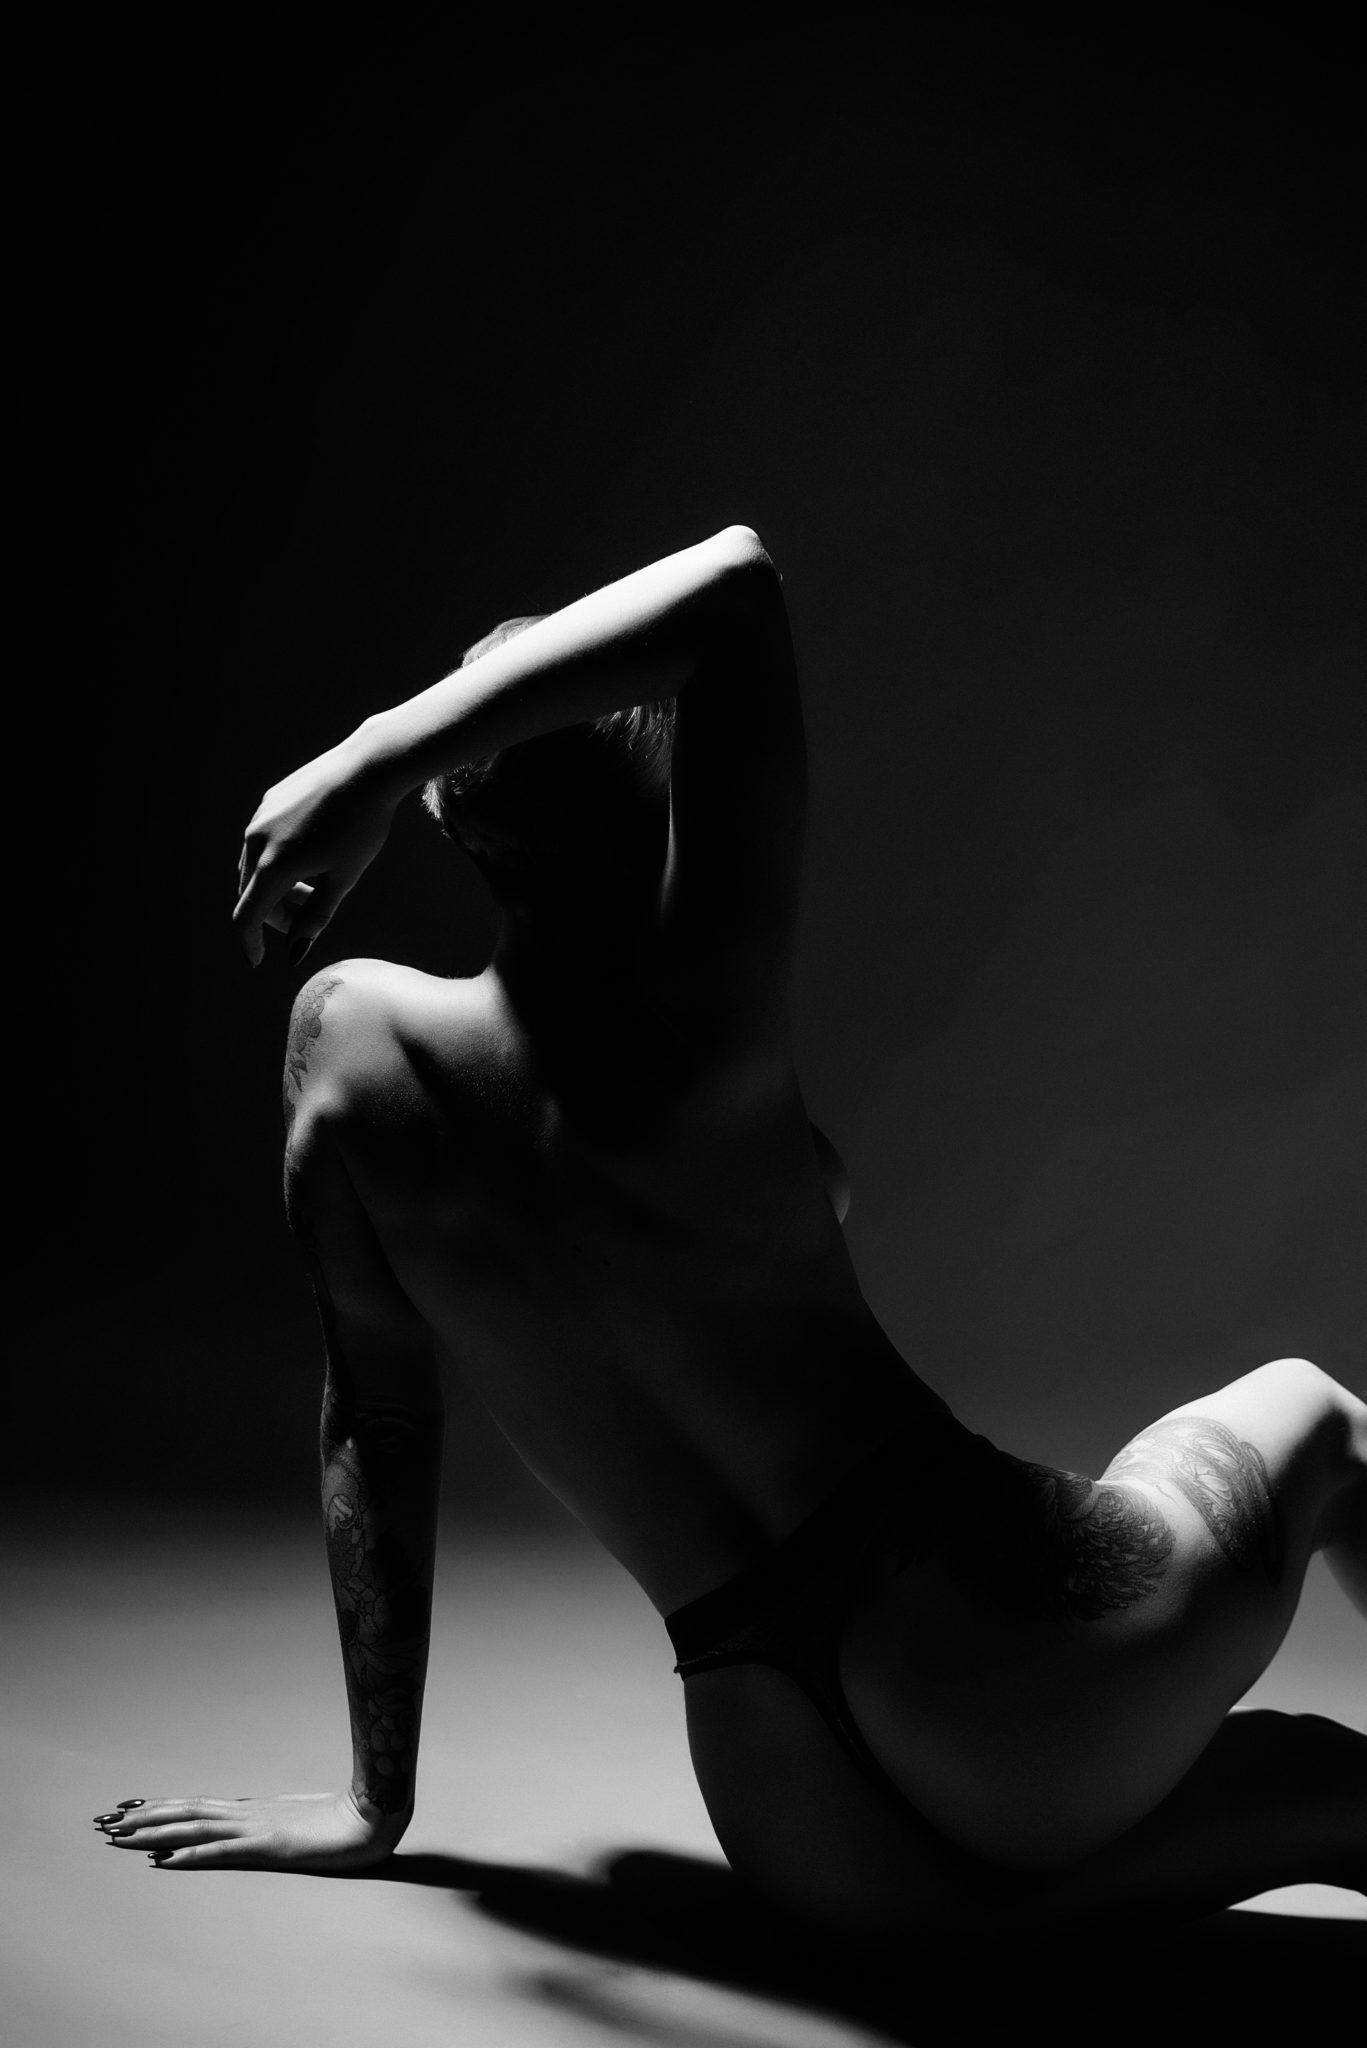 Портфолио ню фотосессии, фотограф Алиса Постниковой, модель Валерия Ионеску, сидит спиной к камере, чб фото